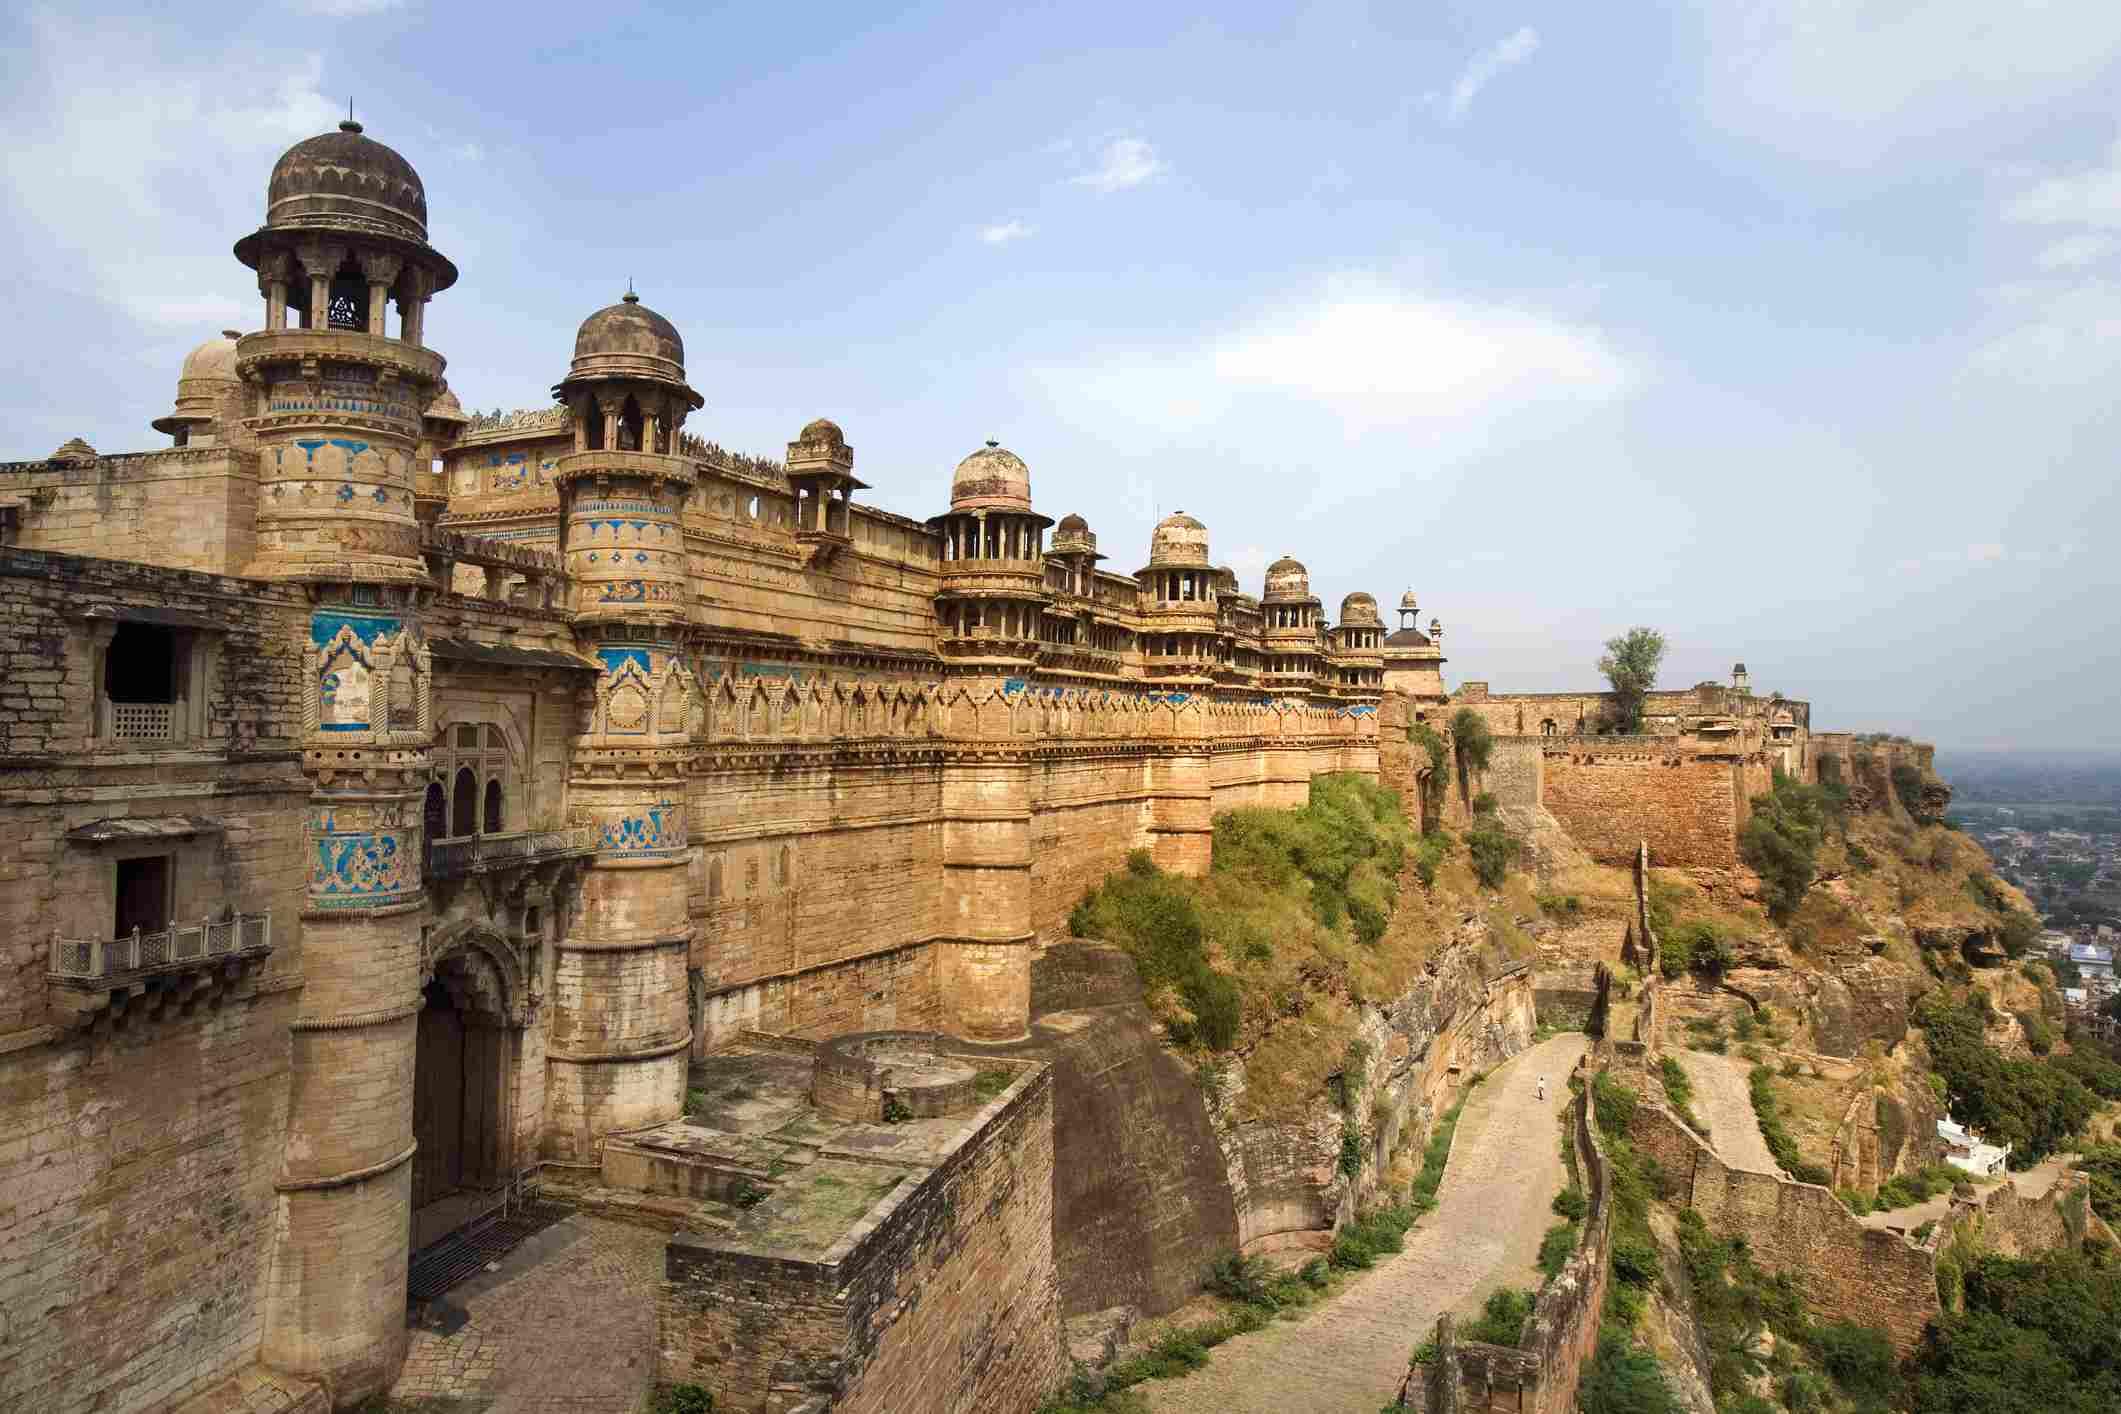 Gwalior Fort.